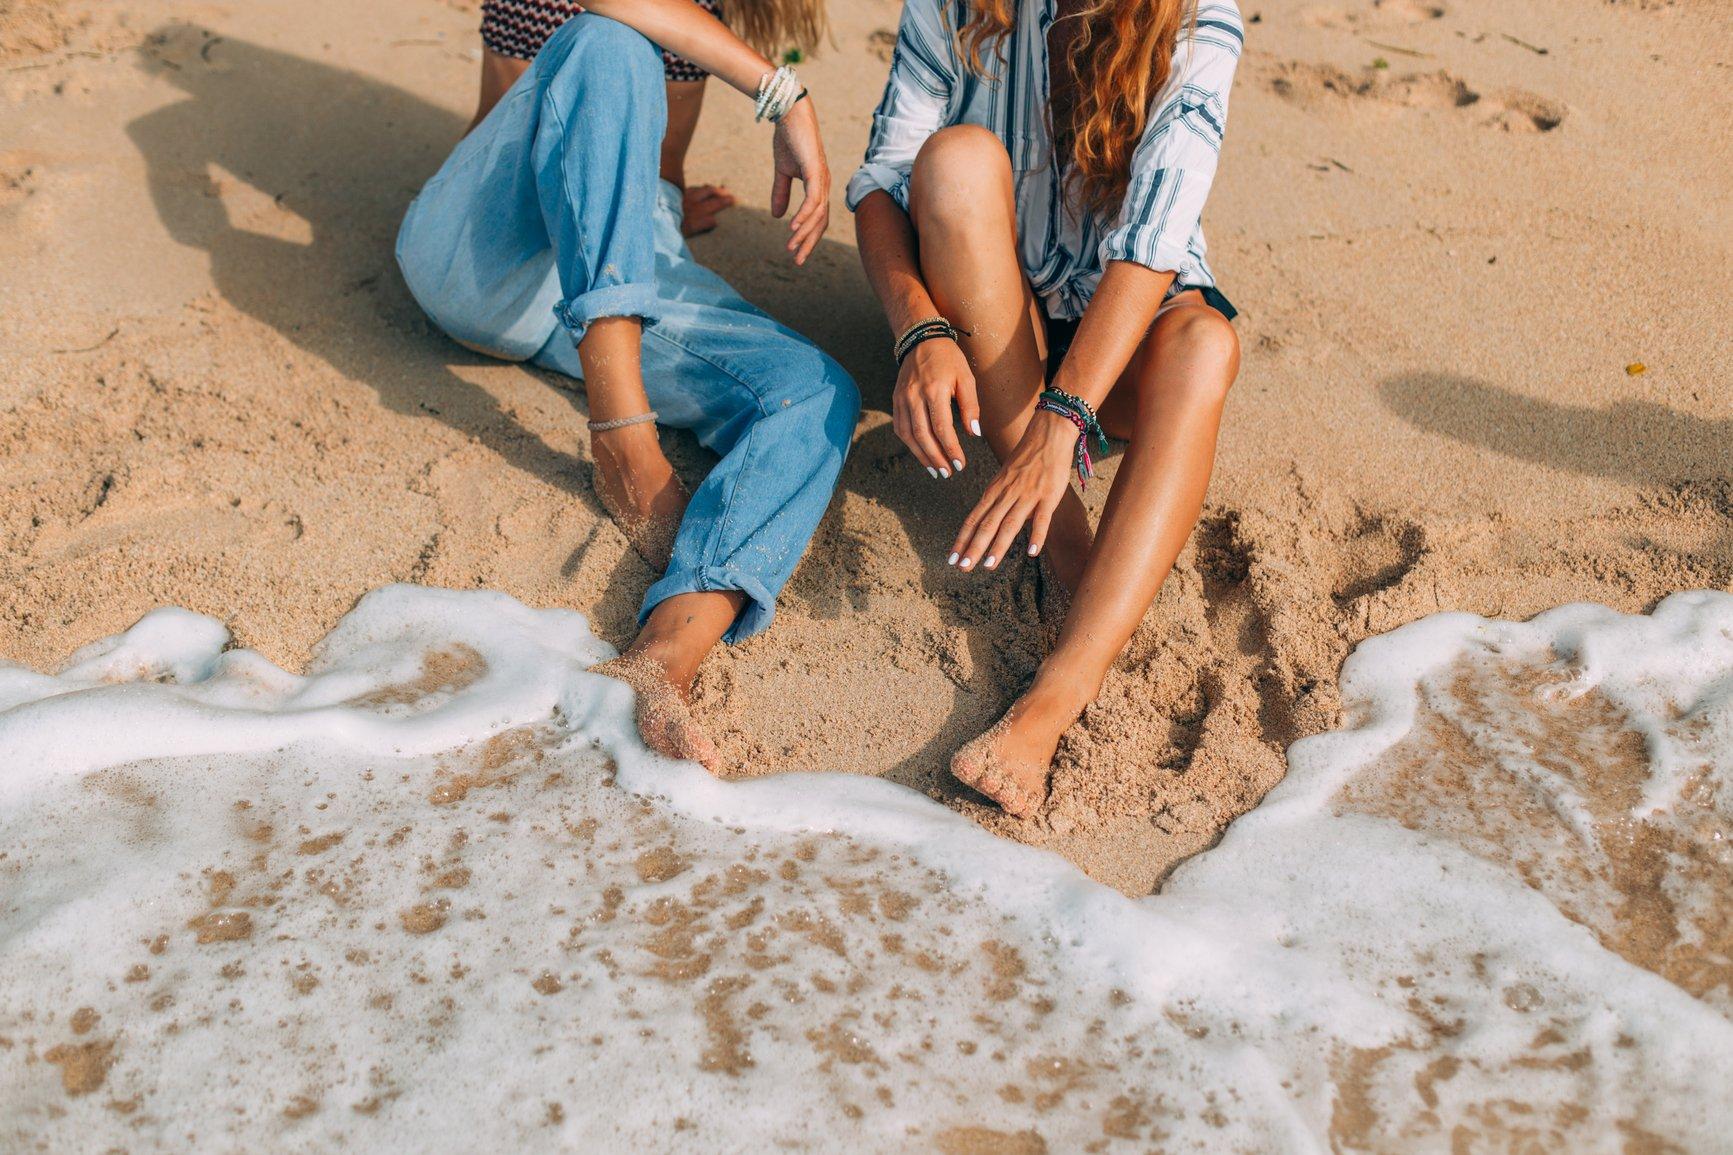 sunscreen-tan-beach.jpg